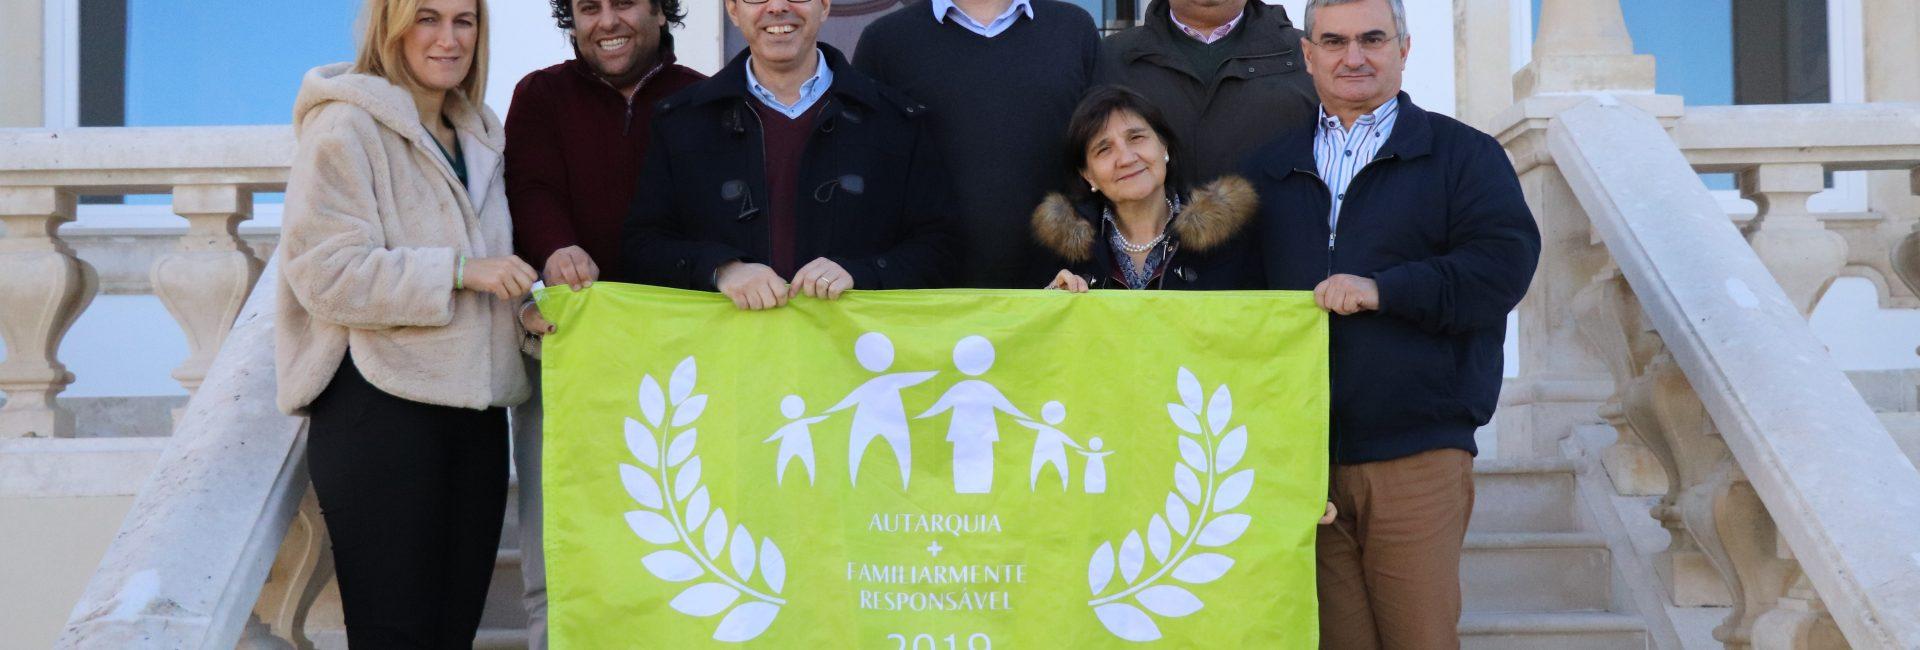 """Bandeira """"Autarquia + Familiarmente Responsável"""" hasteada no edifício dos Paços do Concelho"""